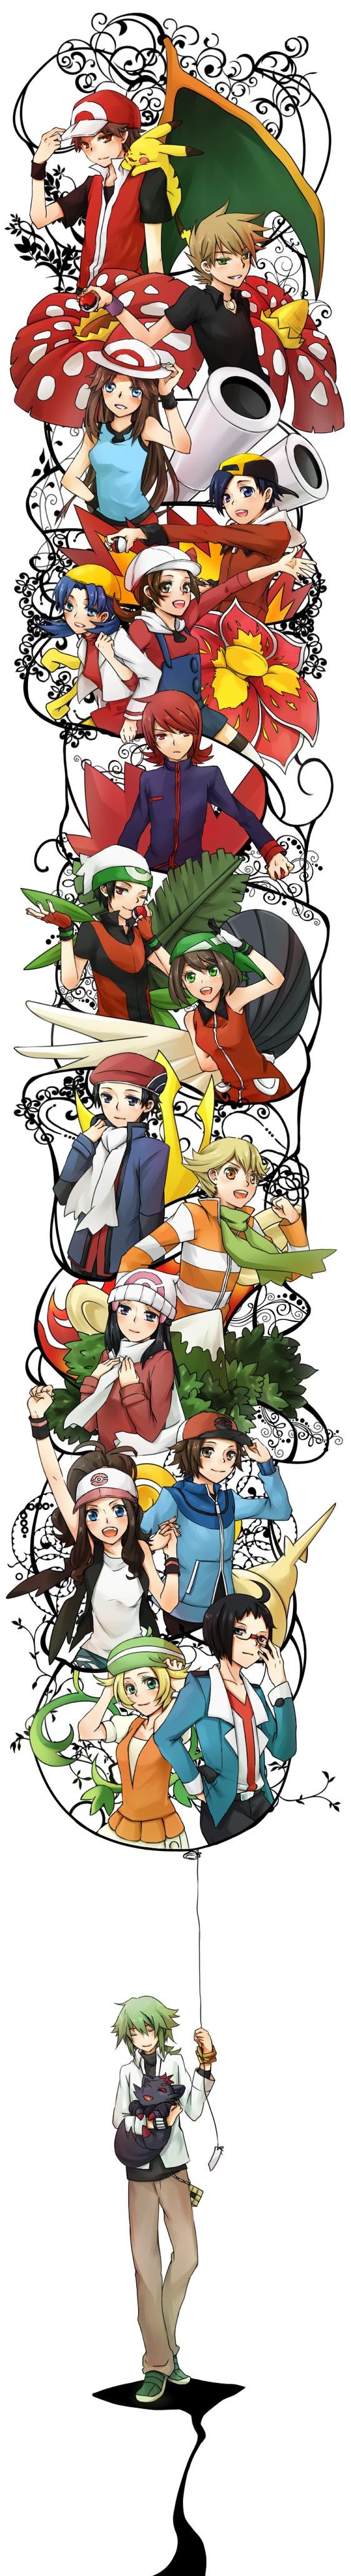 Tags: Anime, Pixiv Id 660368, Pokémon, Red (Pokémon), Cheren (Pokémon), Haruka (Pokémon), Kouki (Pokémon), Zorua, N (Pokémon), Hikari (Pokémon), Green (Pokémon), Silver (Pokémon), Touko (Pokémon)